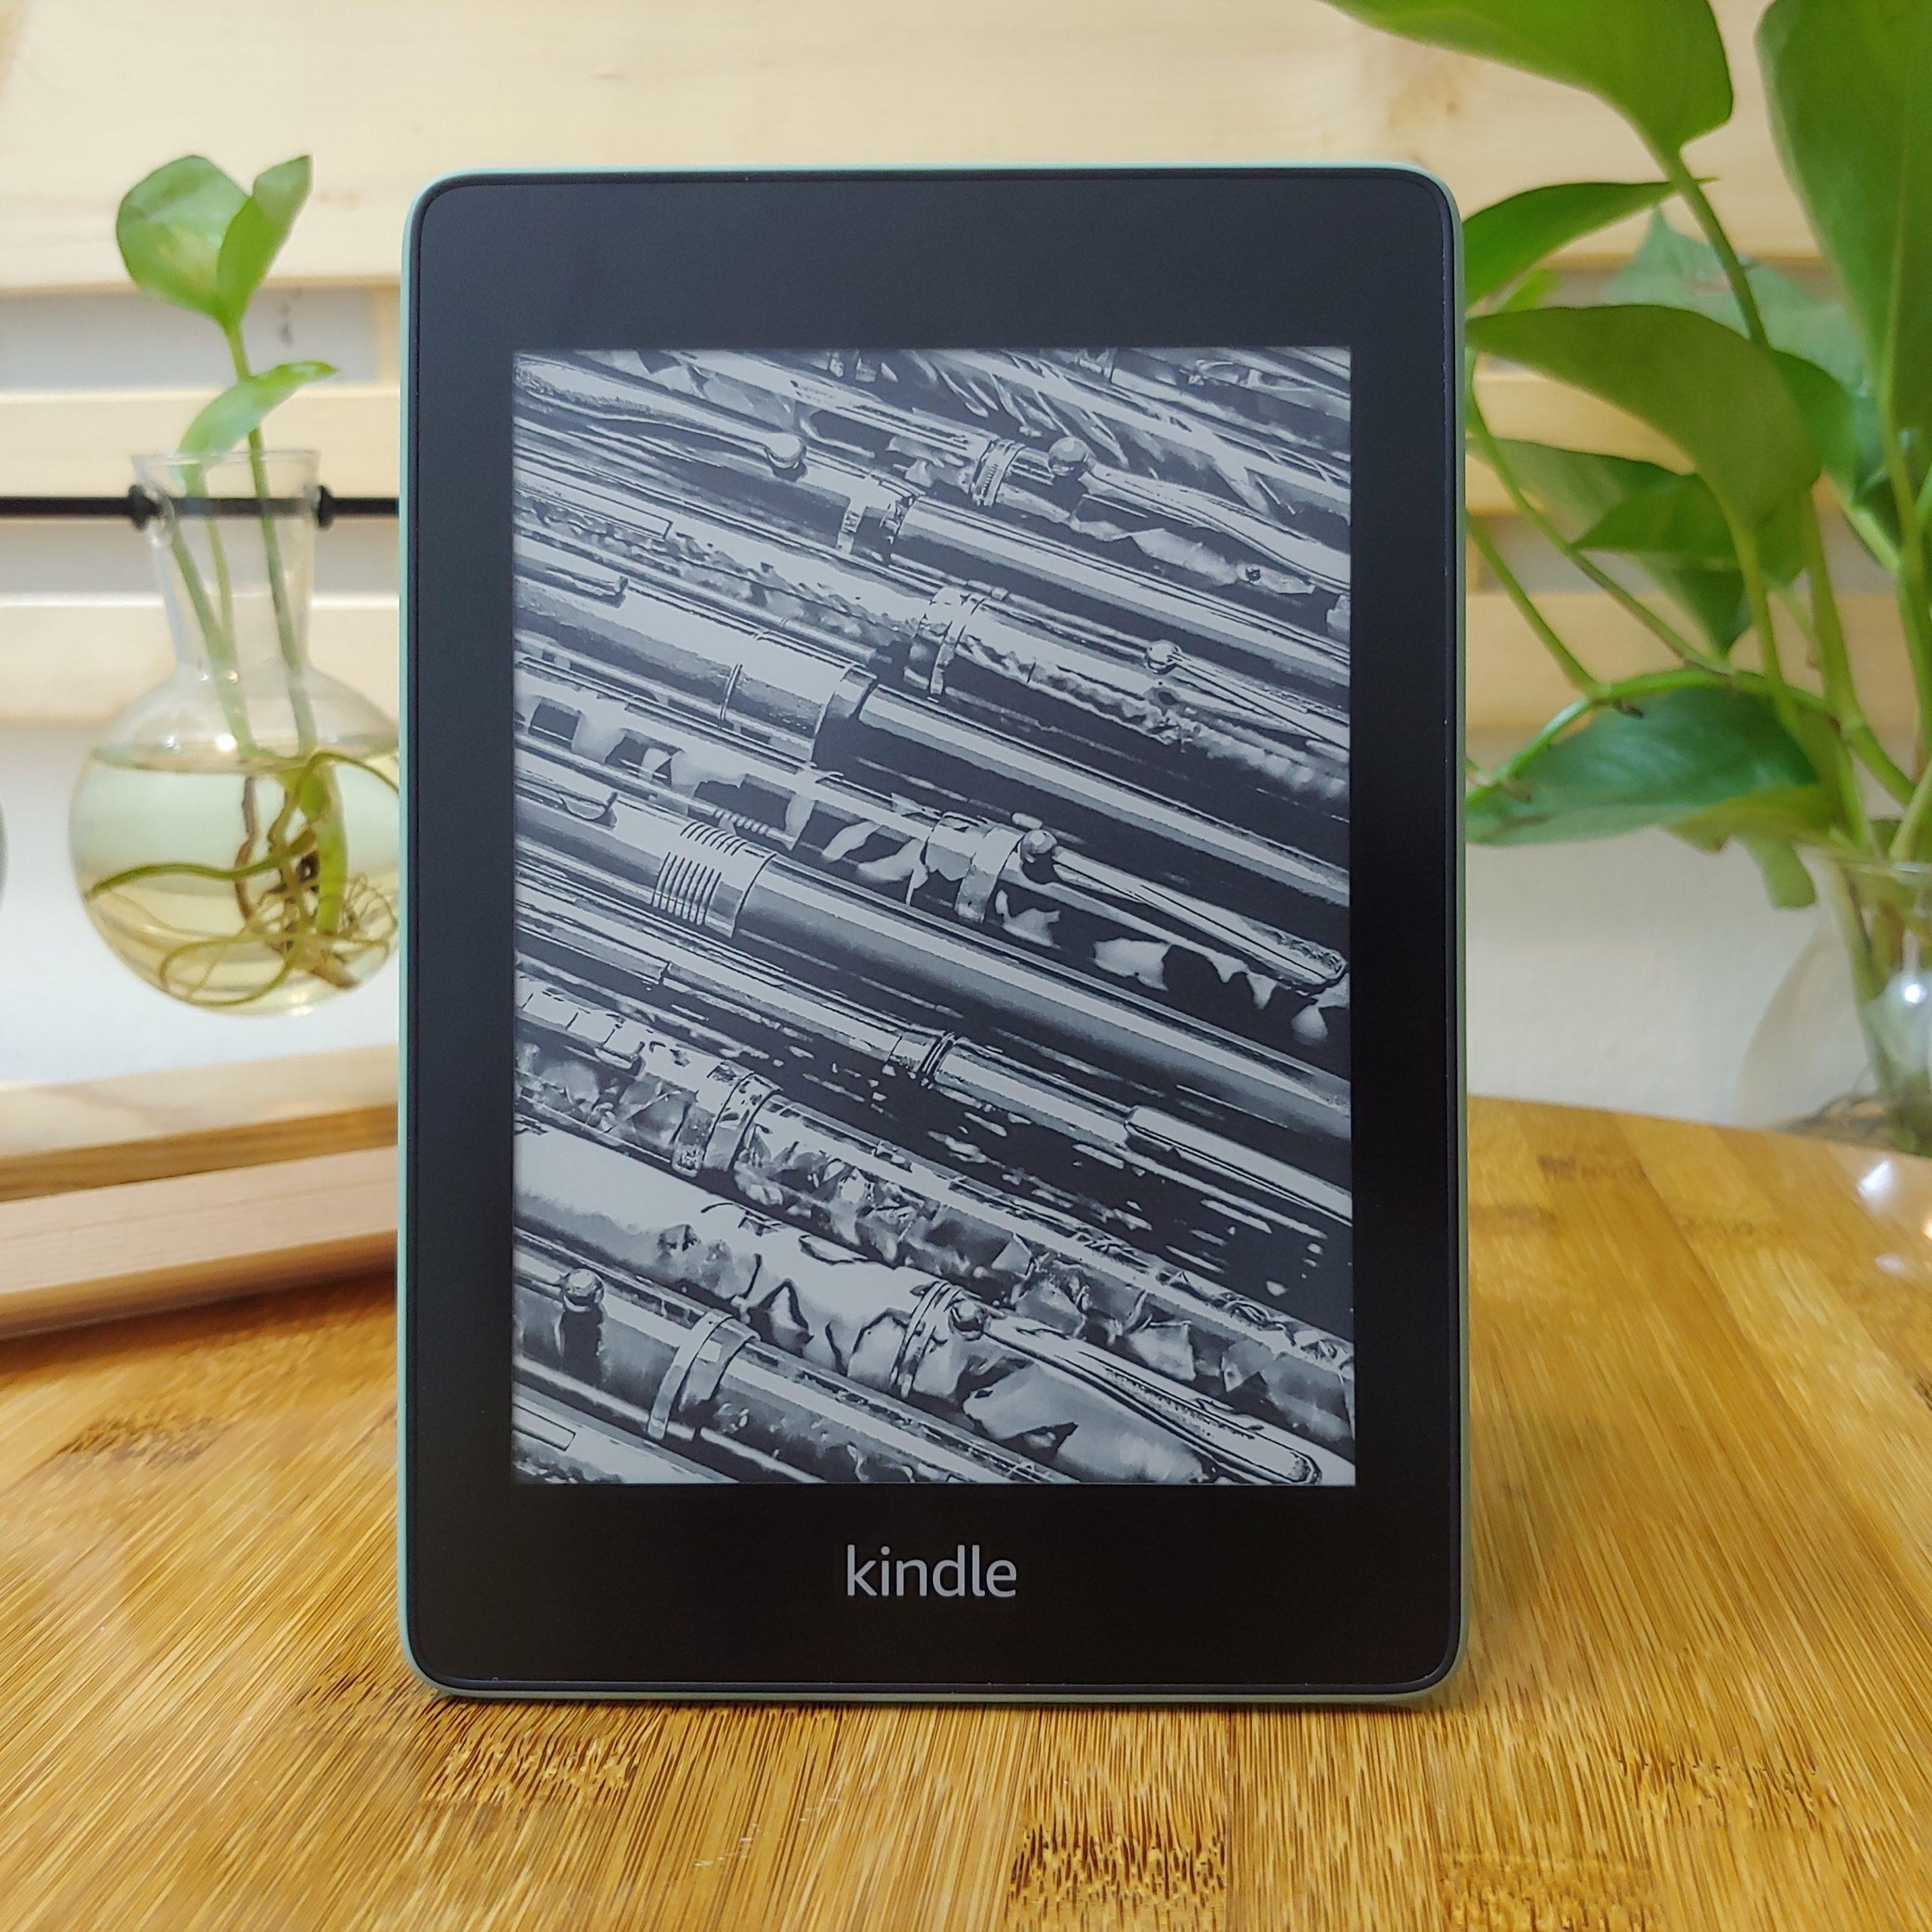 Kindle PPW4 - Refurbished - kindlehanoivn